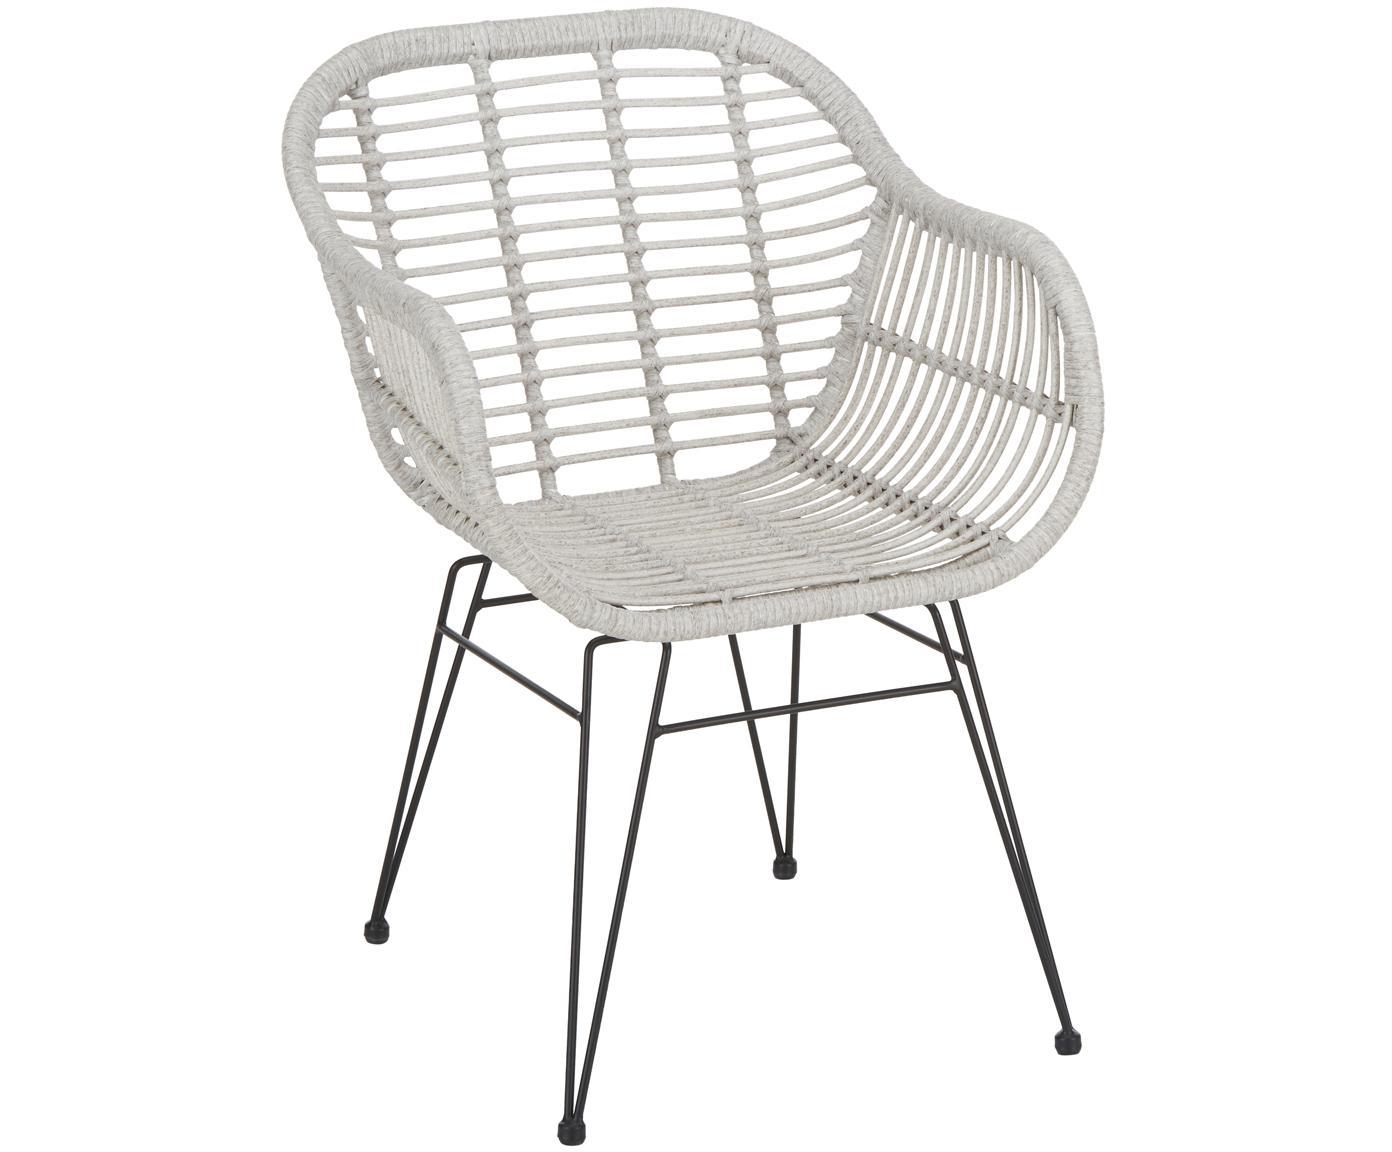 Sedia con braccioli Costa 2 pz, Seduta: treccia di polietilene, Struttura: metallo verniciato a polv, Seduta: grigio chiaro, macchiato Struttura: nero opaco, Larg. 59 x Prof. 61 cm